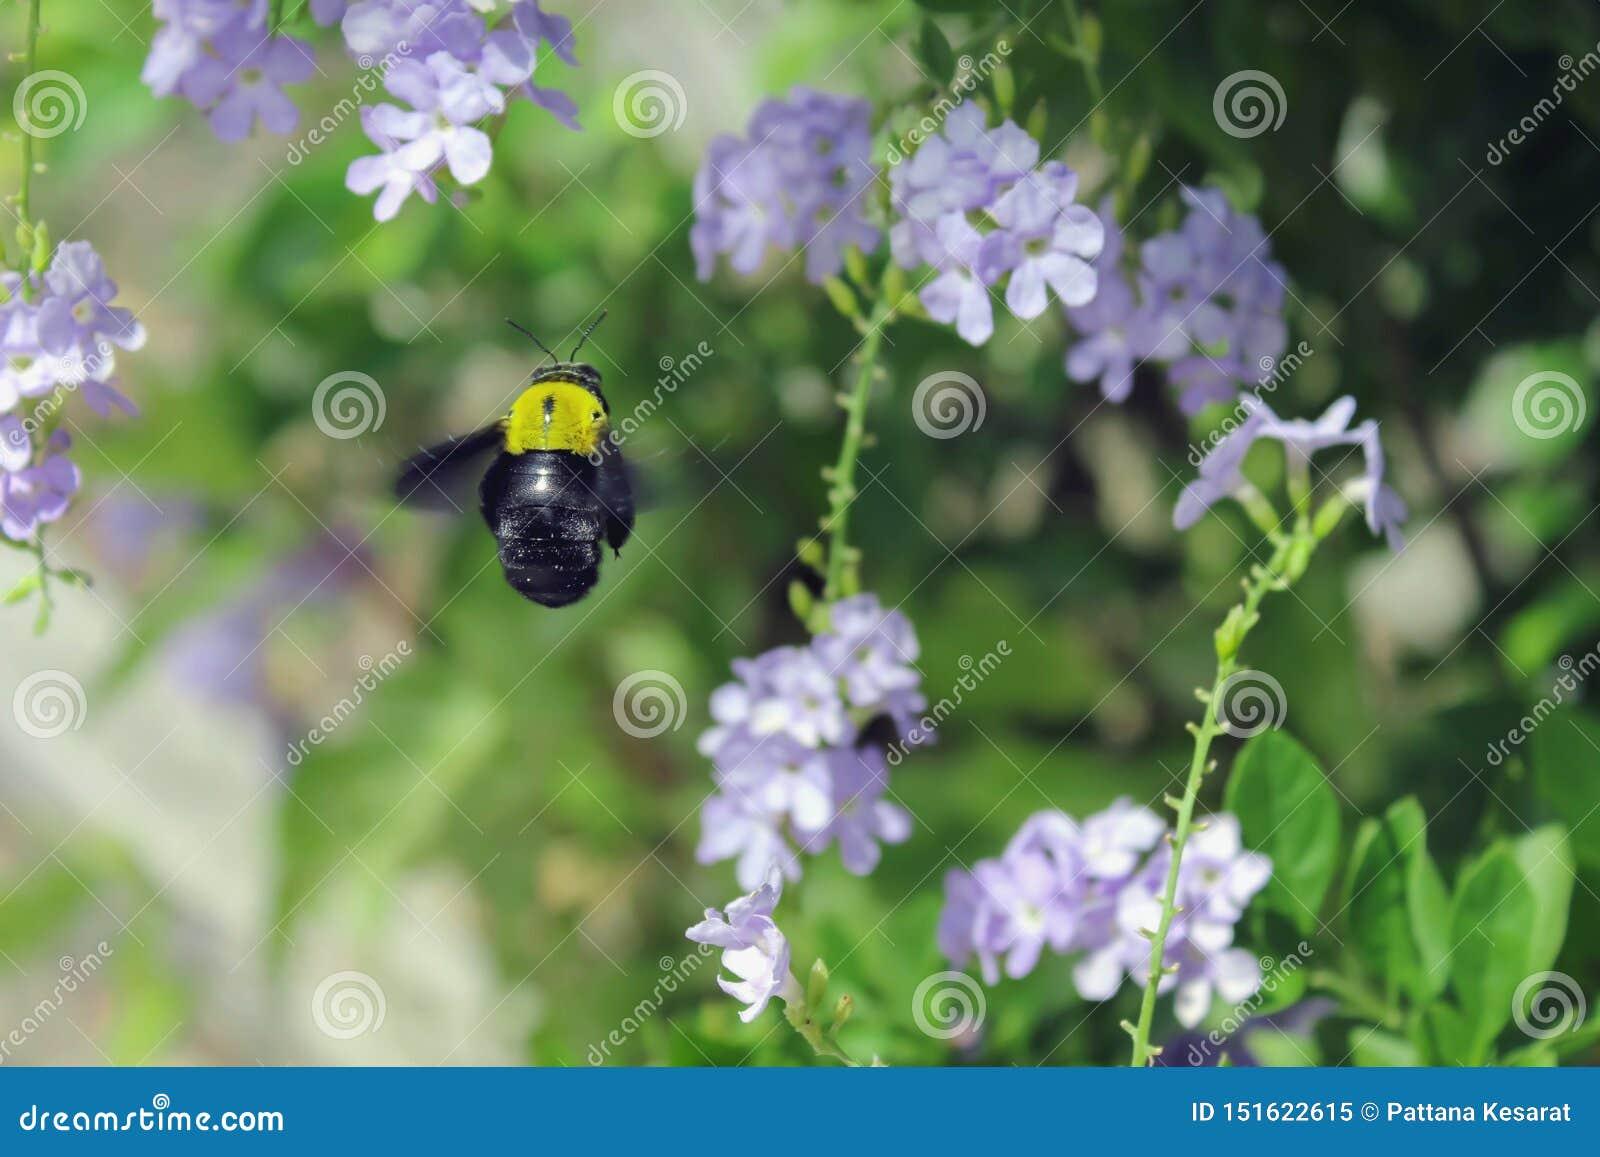 Путайте пчела летает